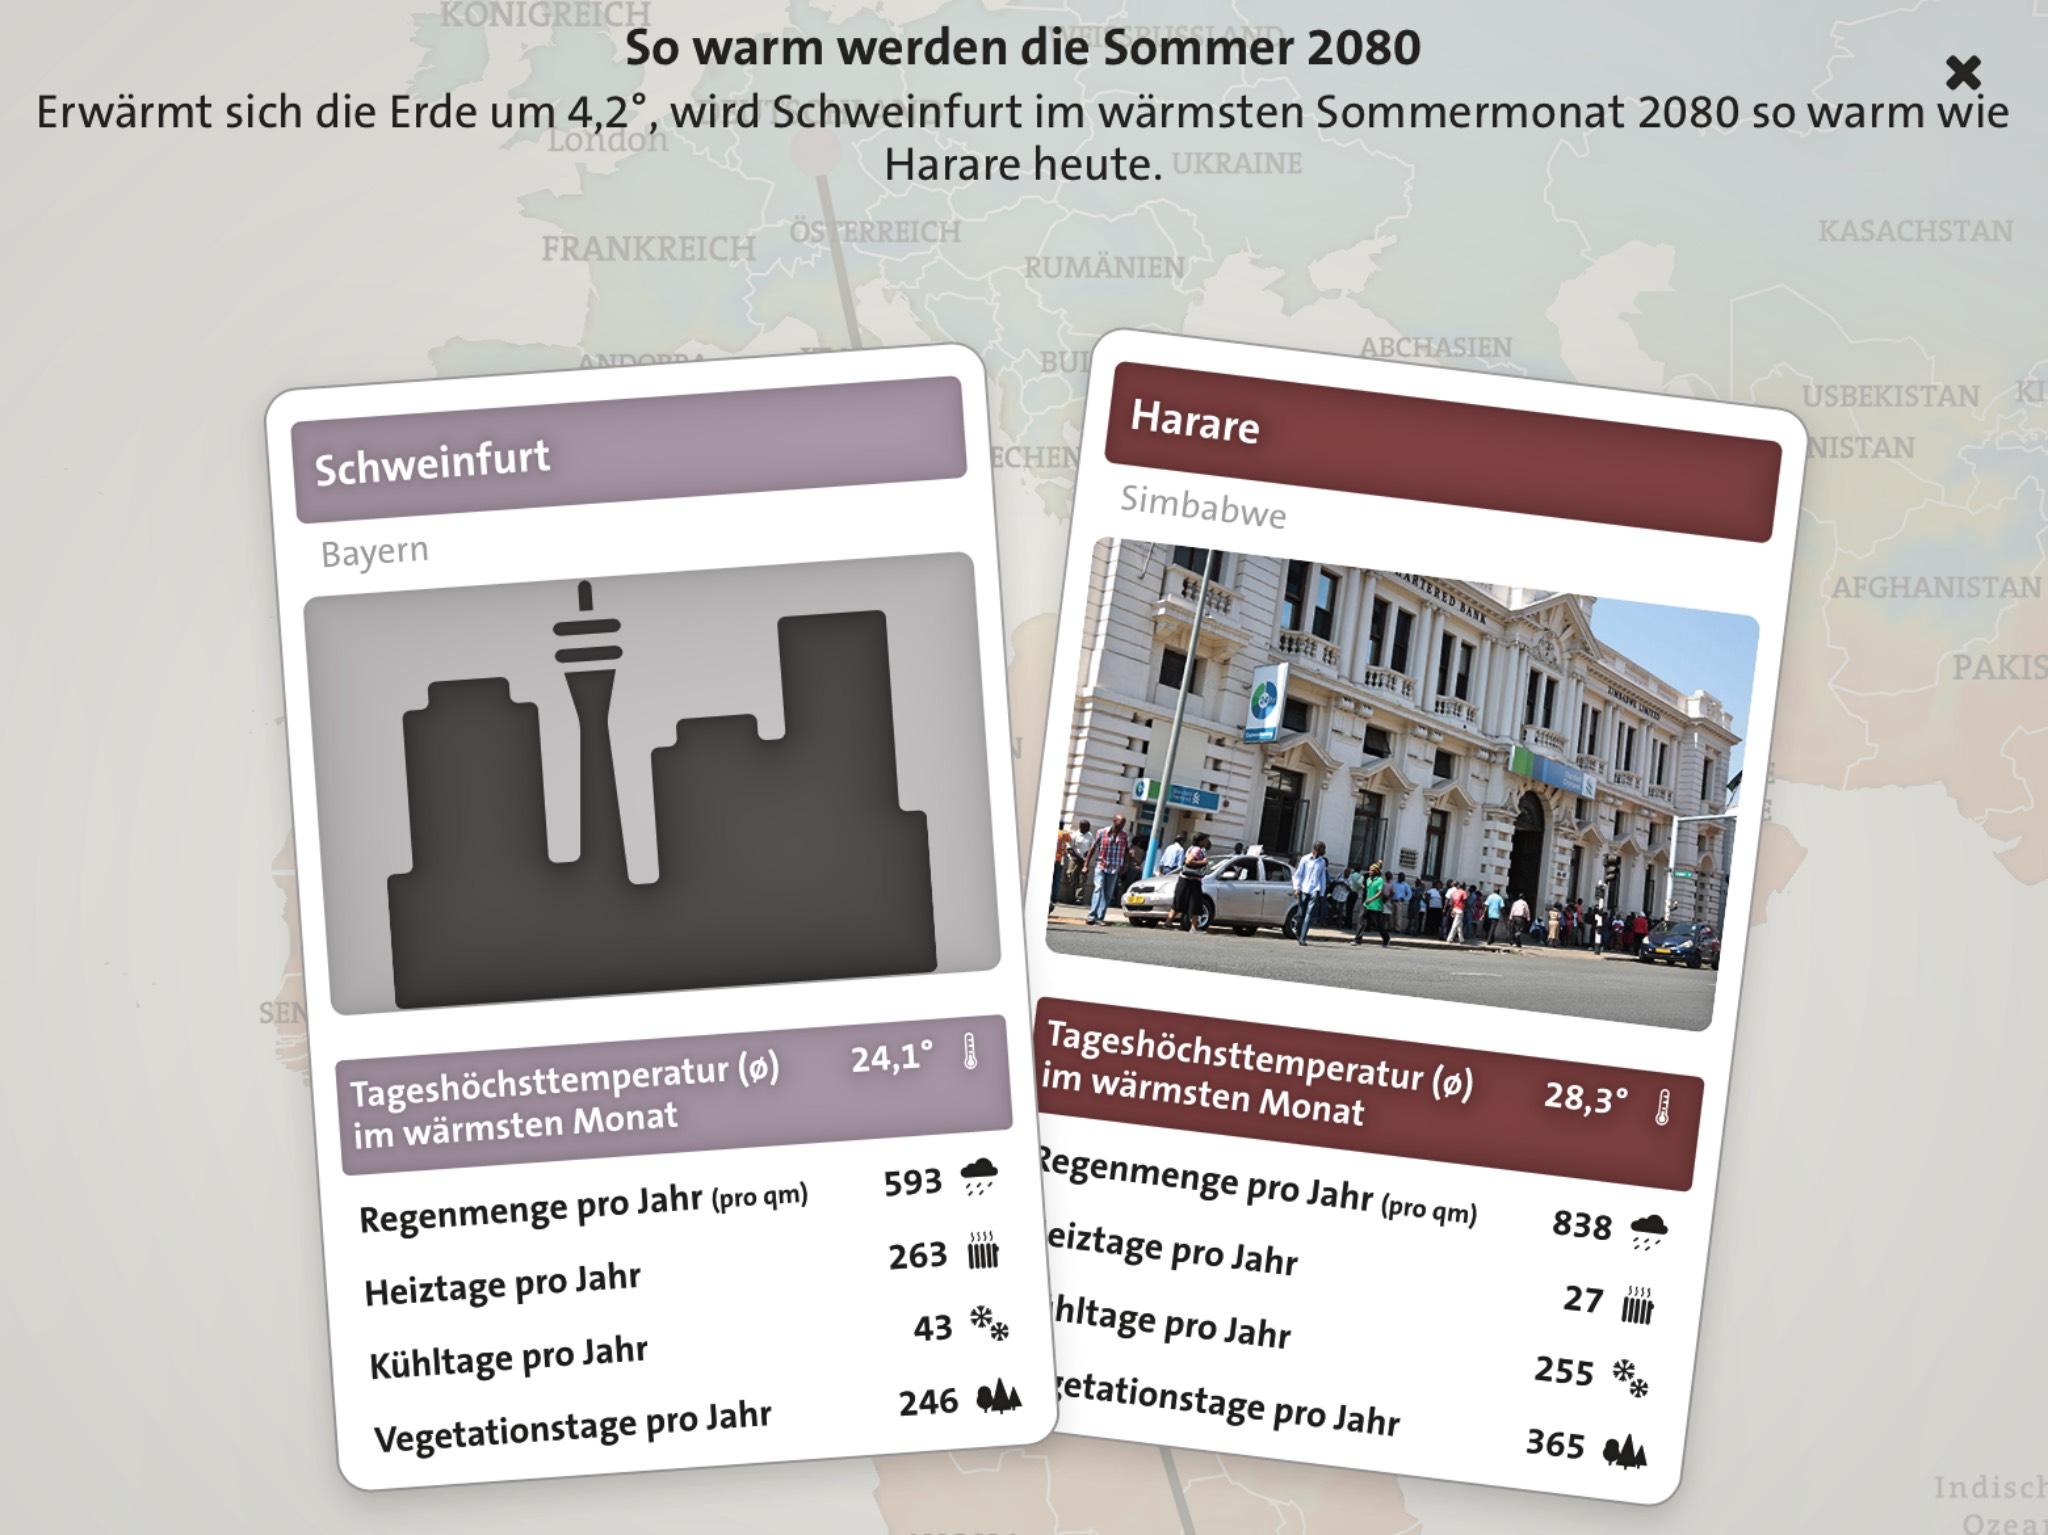 In Schweinfurt wird es bei einem Anstieg von 4,2 Grad, in 60 Jahren so heiß wie in Simbabwe. Foto: Screenshot Tagesschau.de